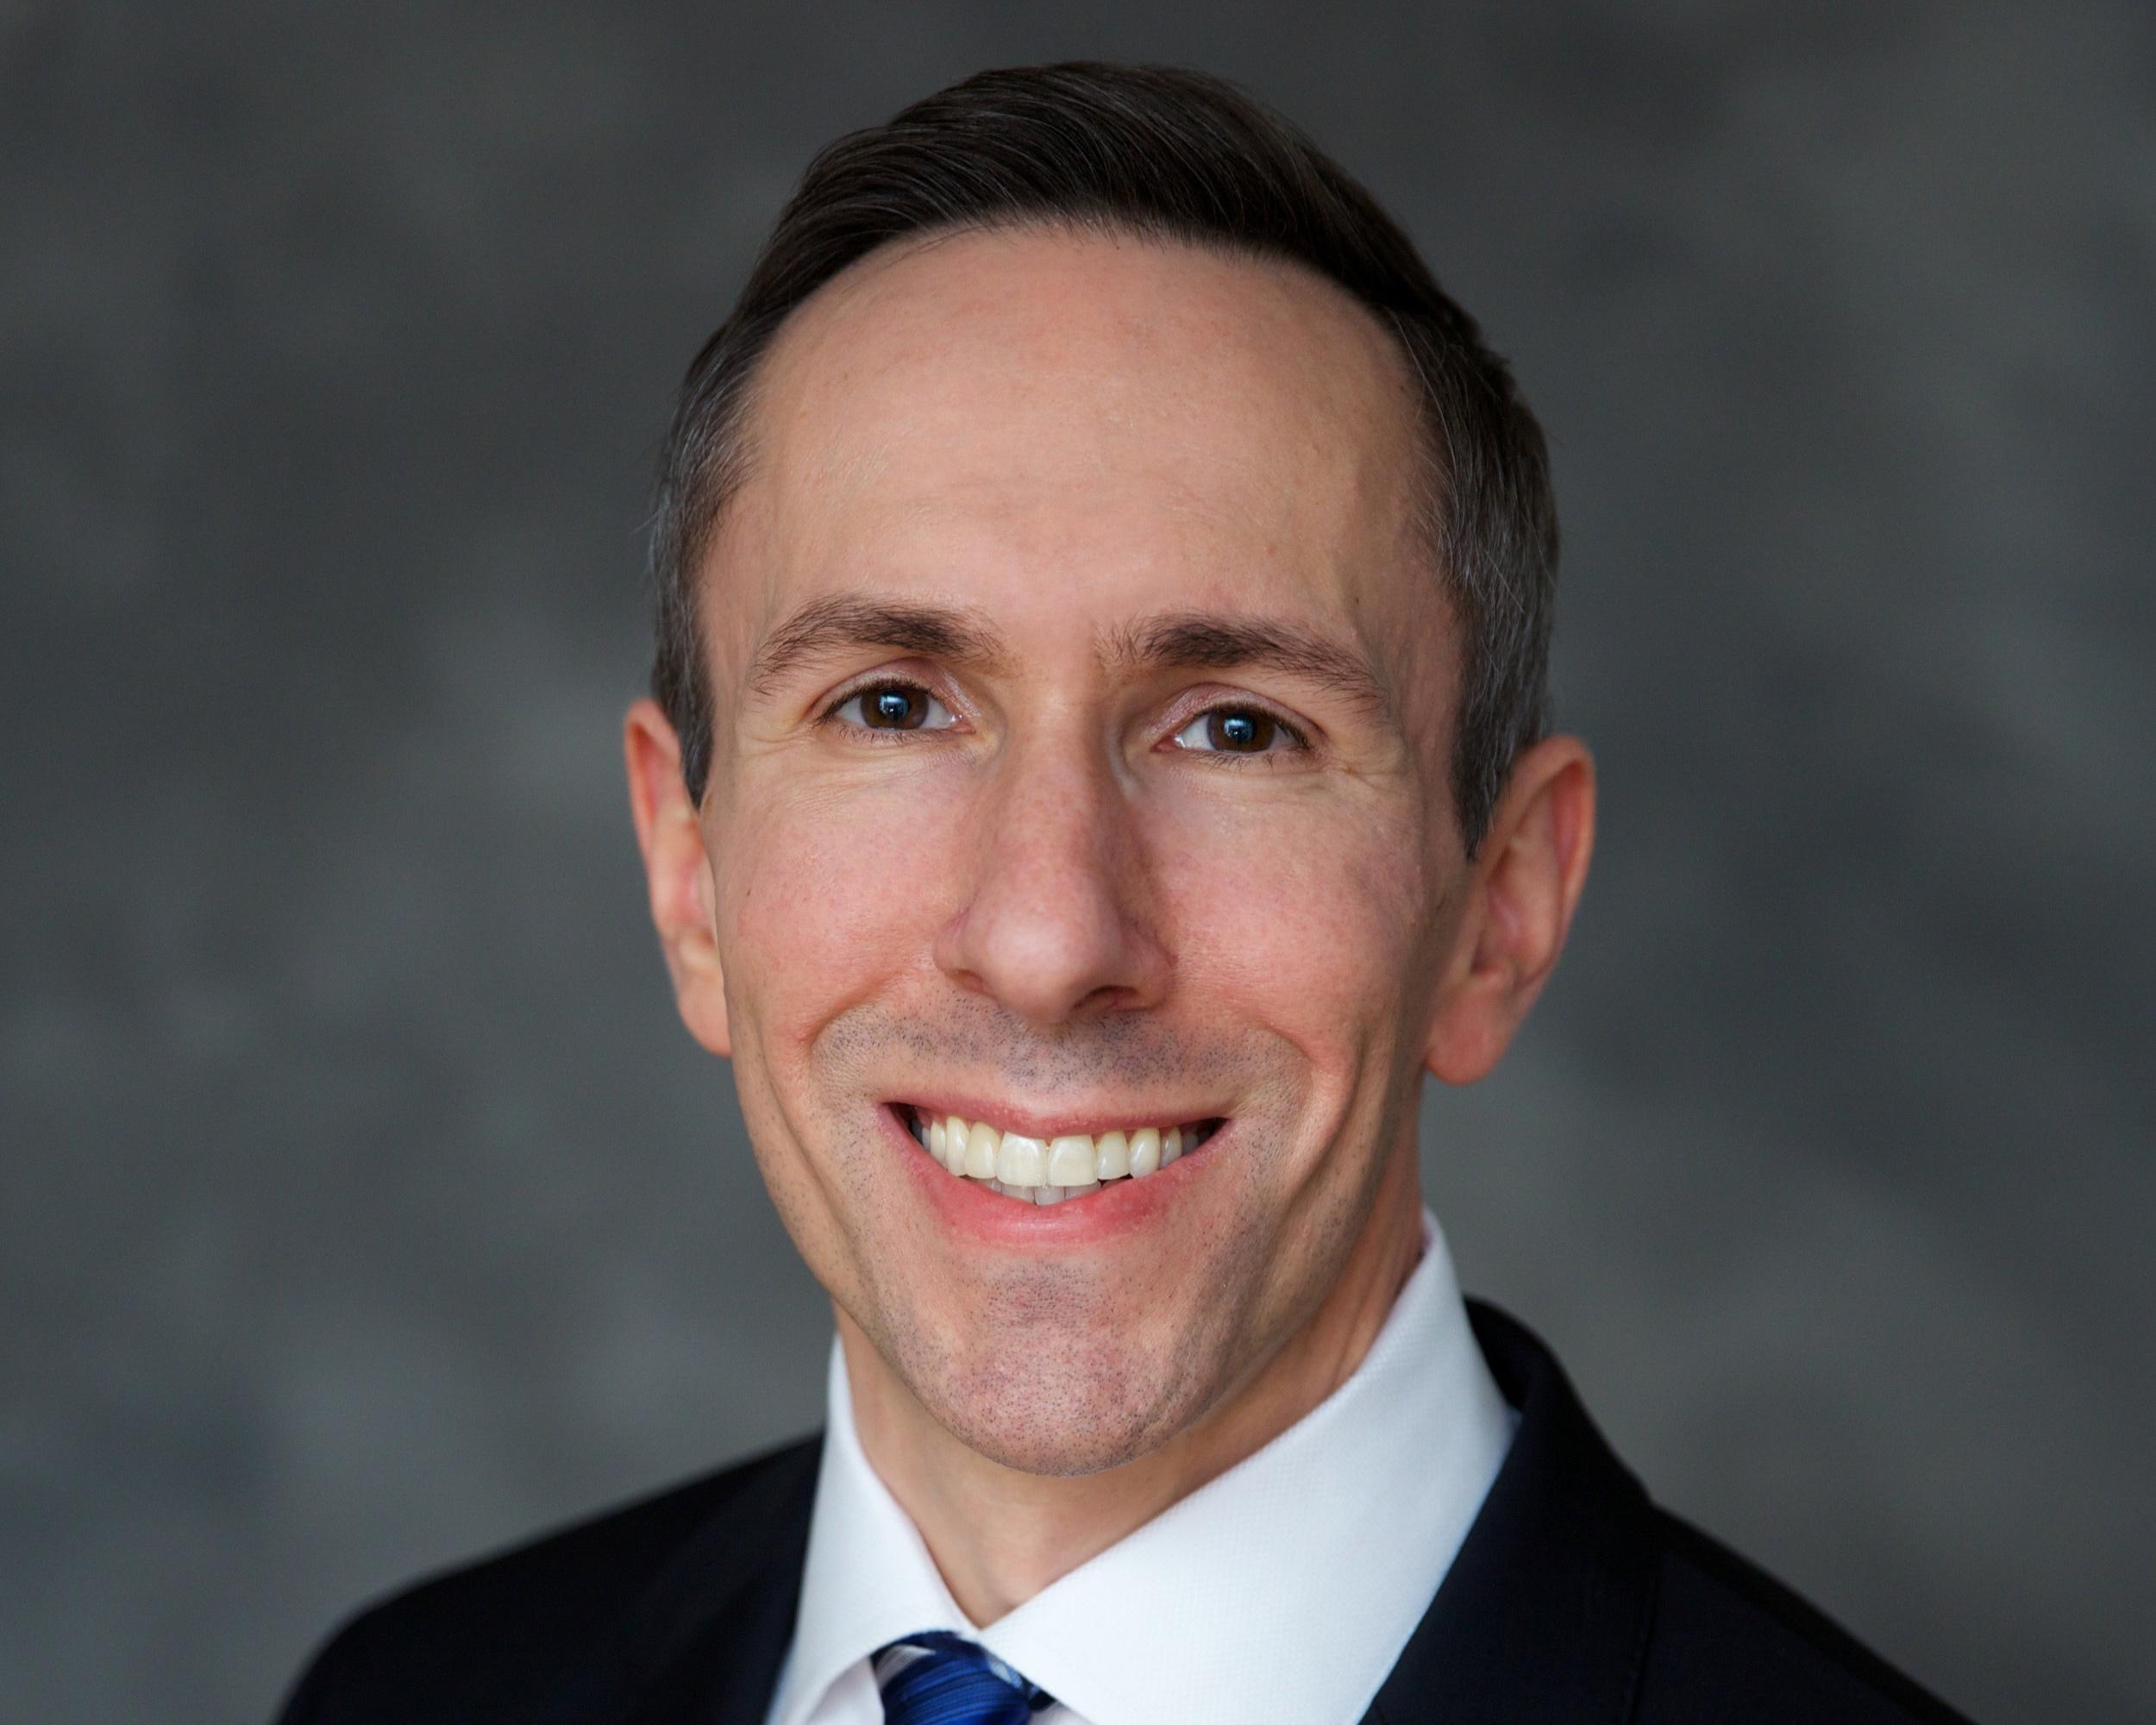 Dave Keenan - Board Member